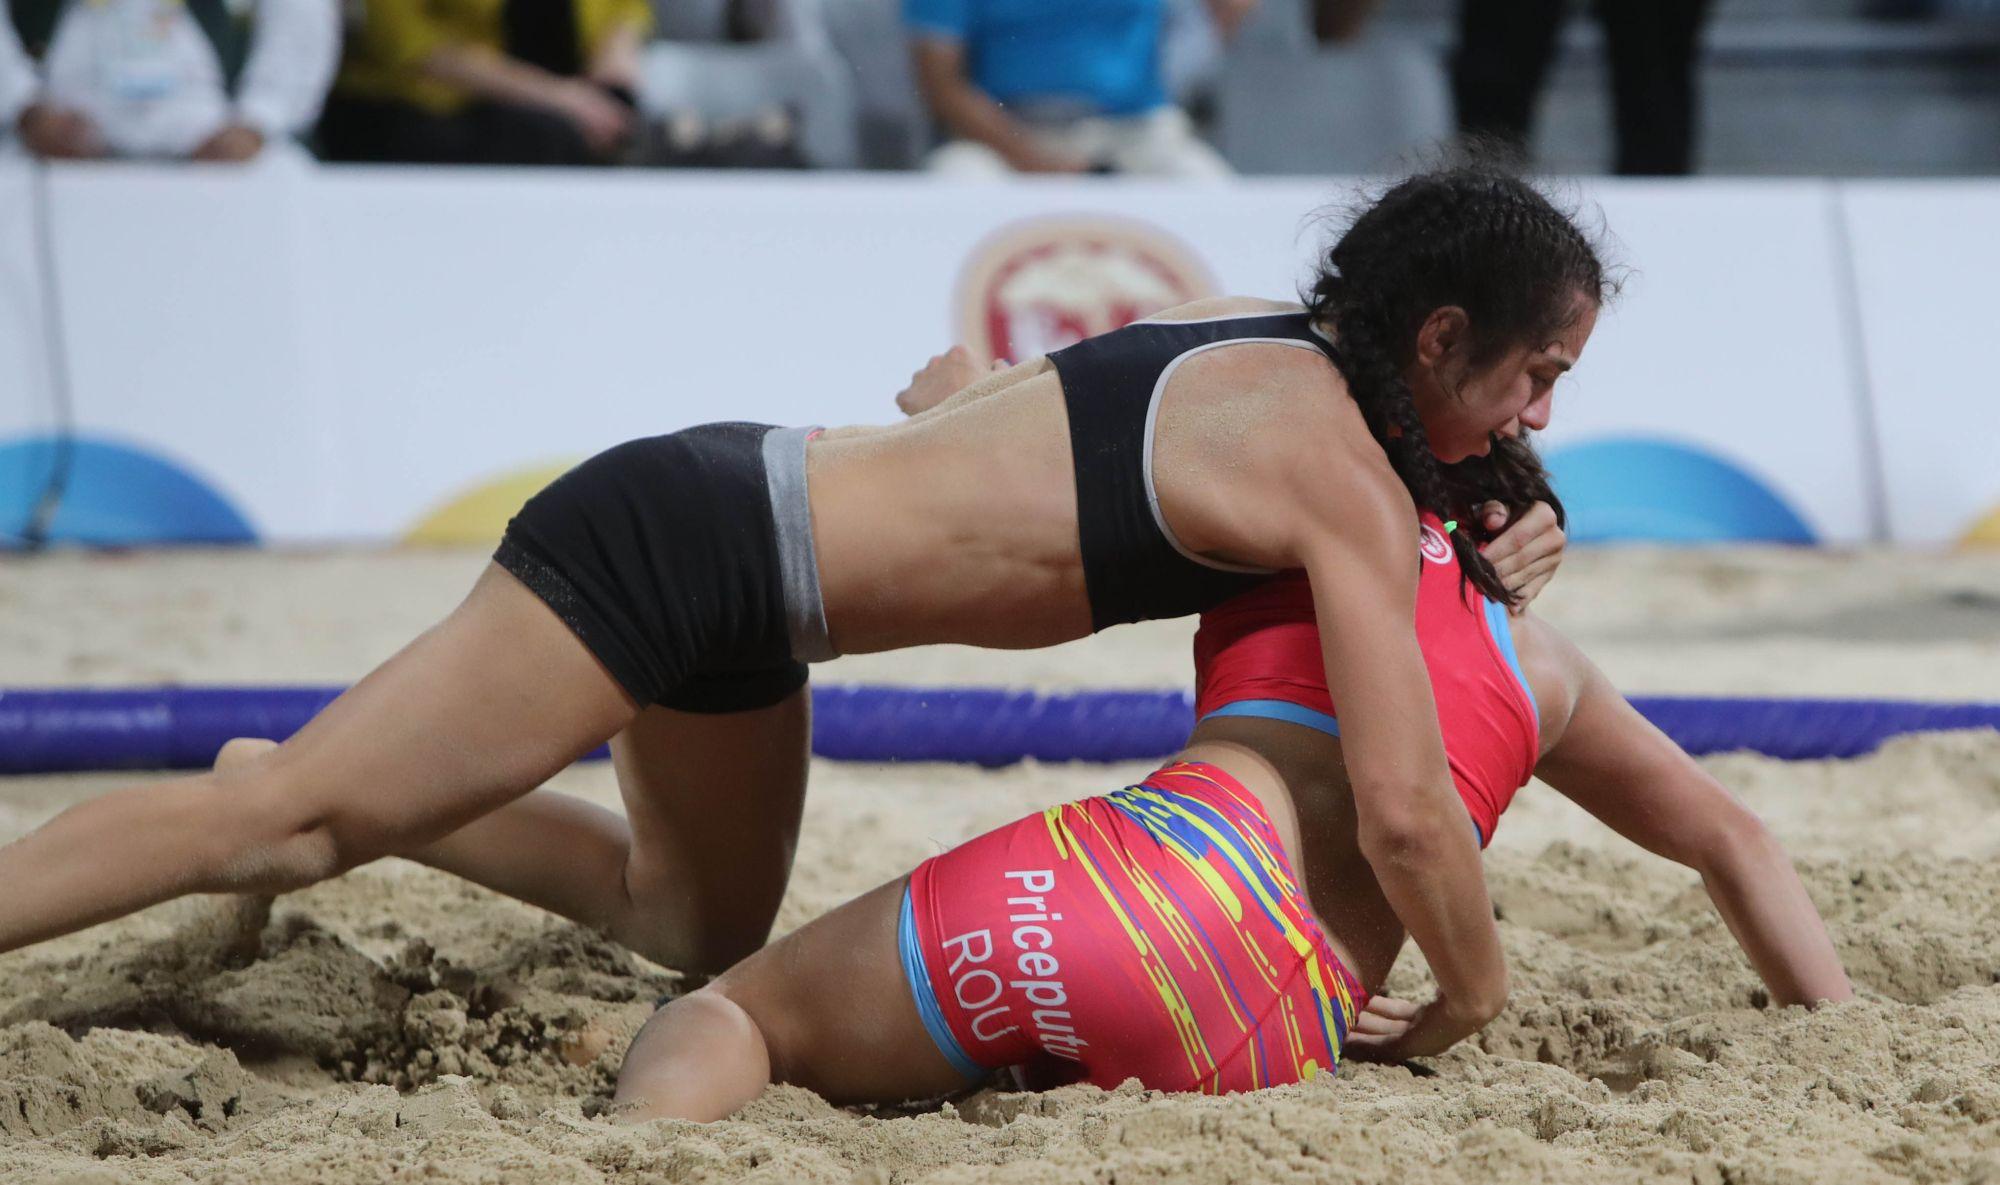 Борбата донесе първи медал за България на световните плажни игри